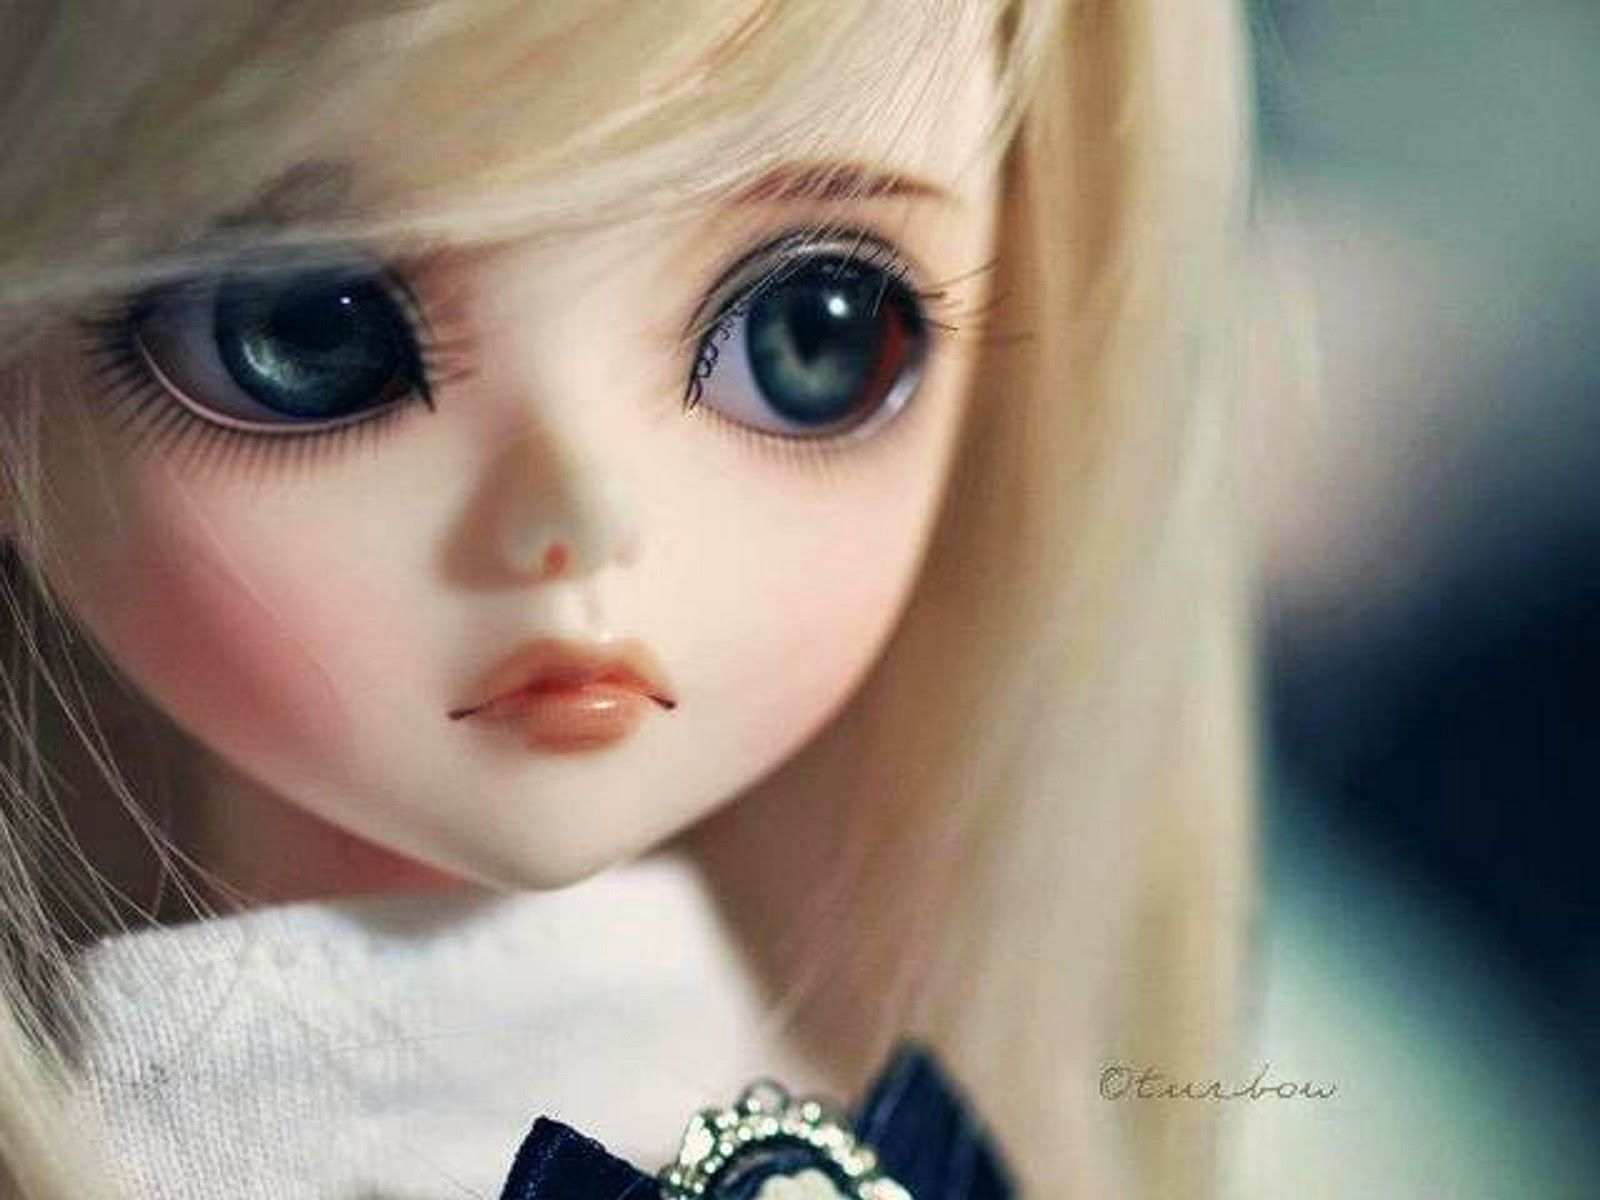 Df2e7fd2c3615c8f54d8e35a591528d6 Jpg 1600 1200 Cute Dolls New Barbie Dolls Beautiful Dolls